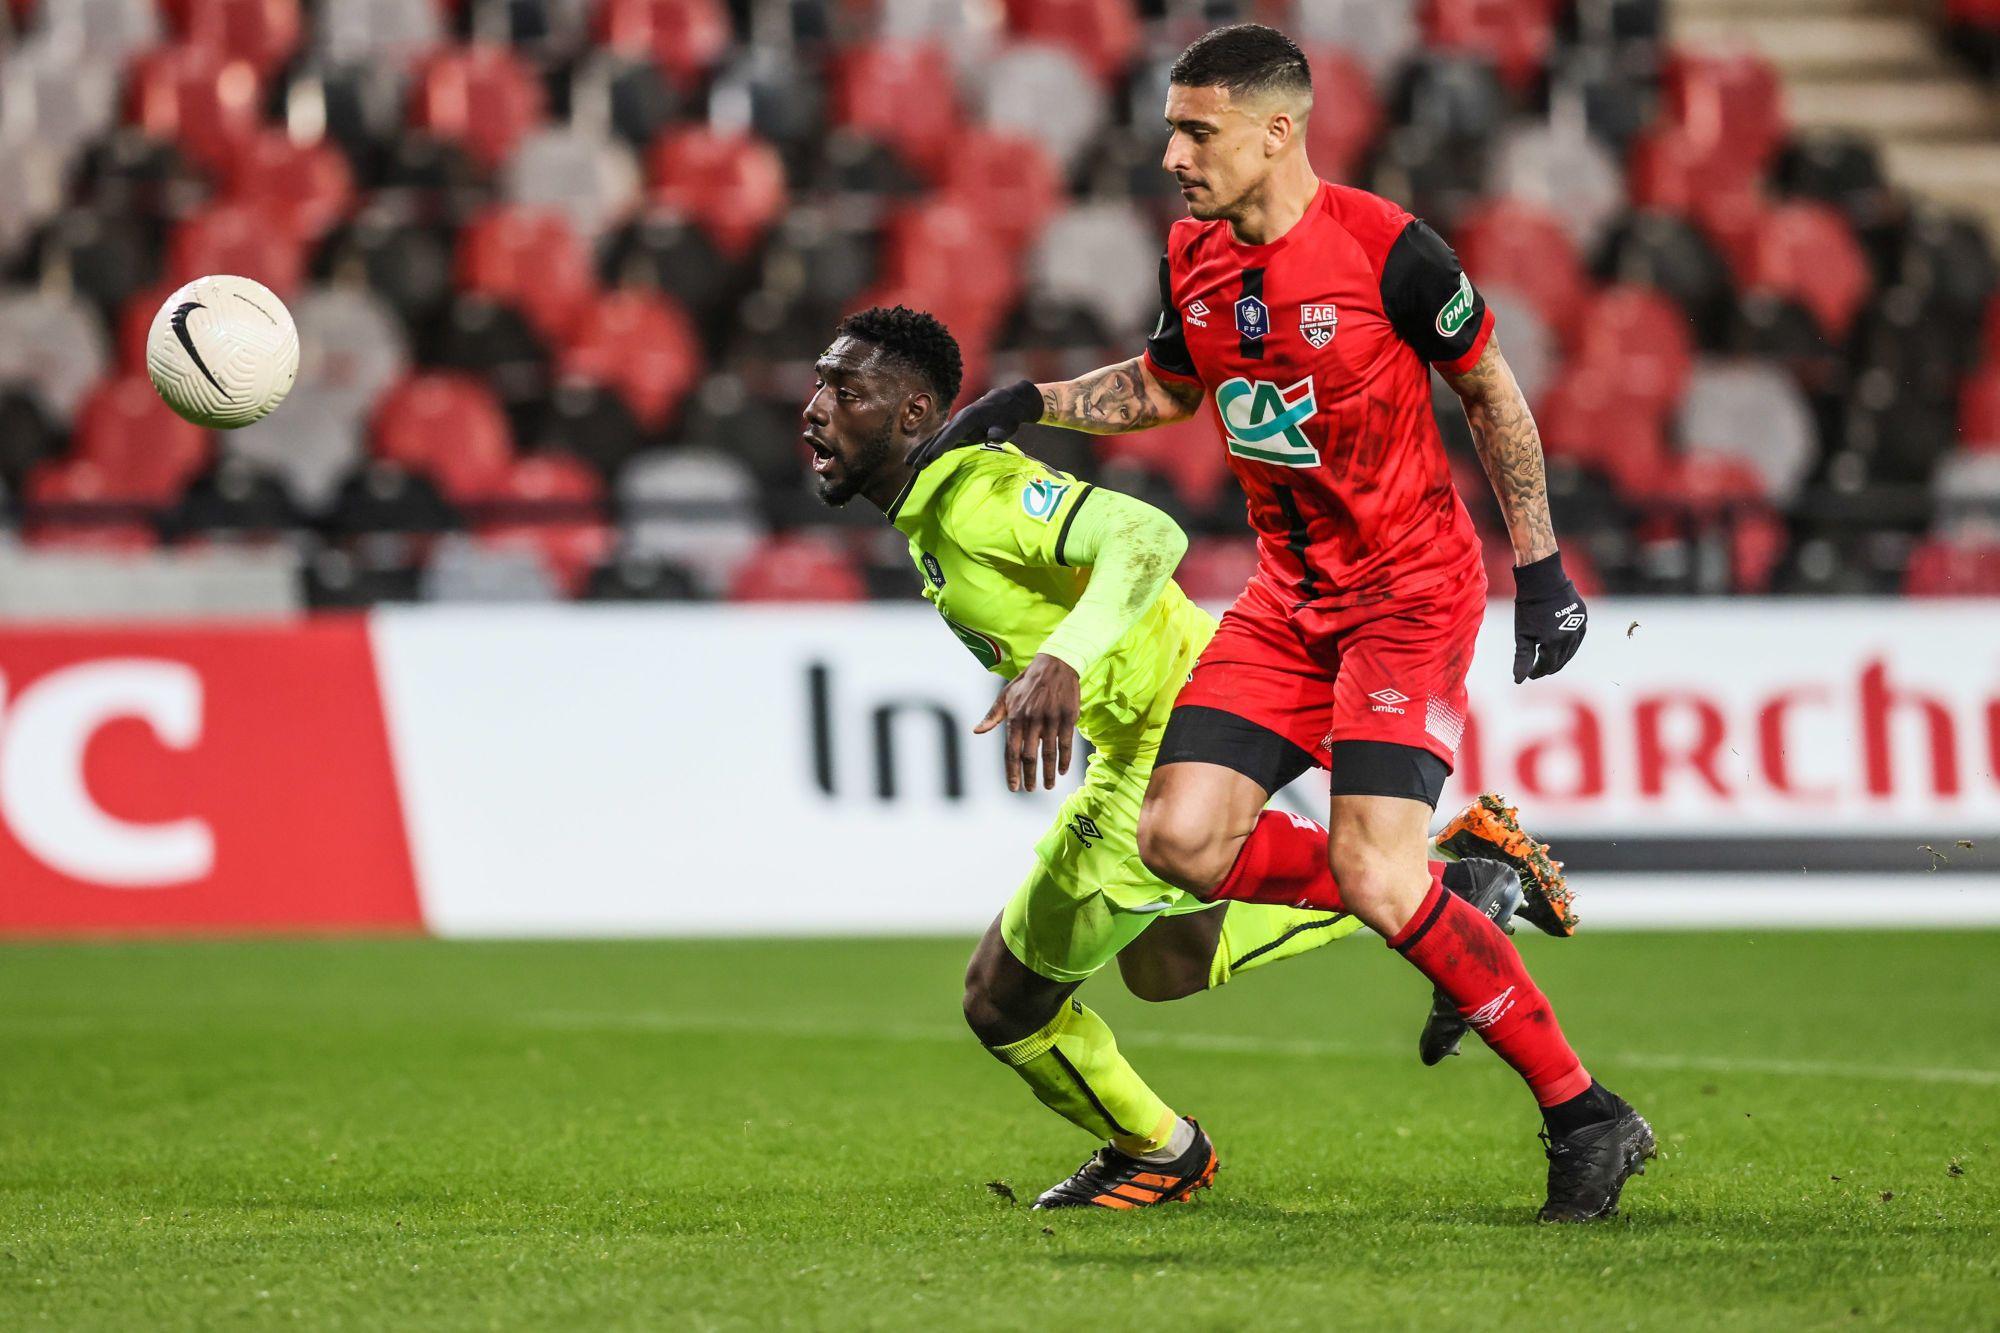 Les statistiques du match nul (2-2) entre Guingamp et Caen